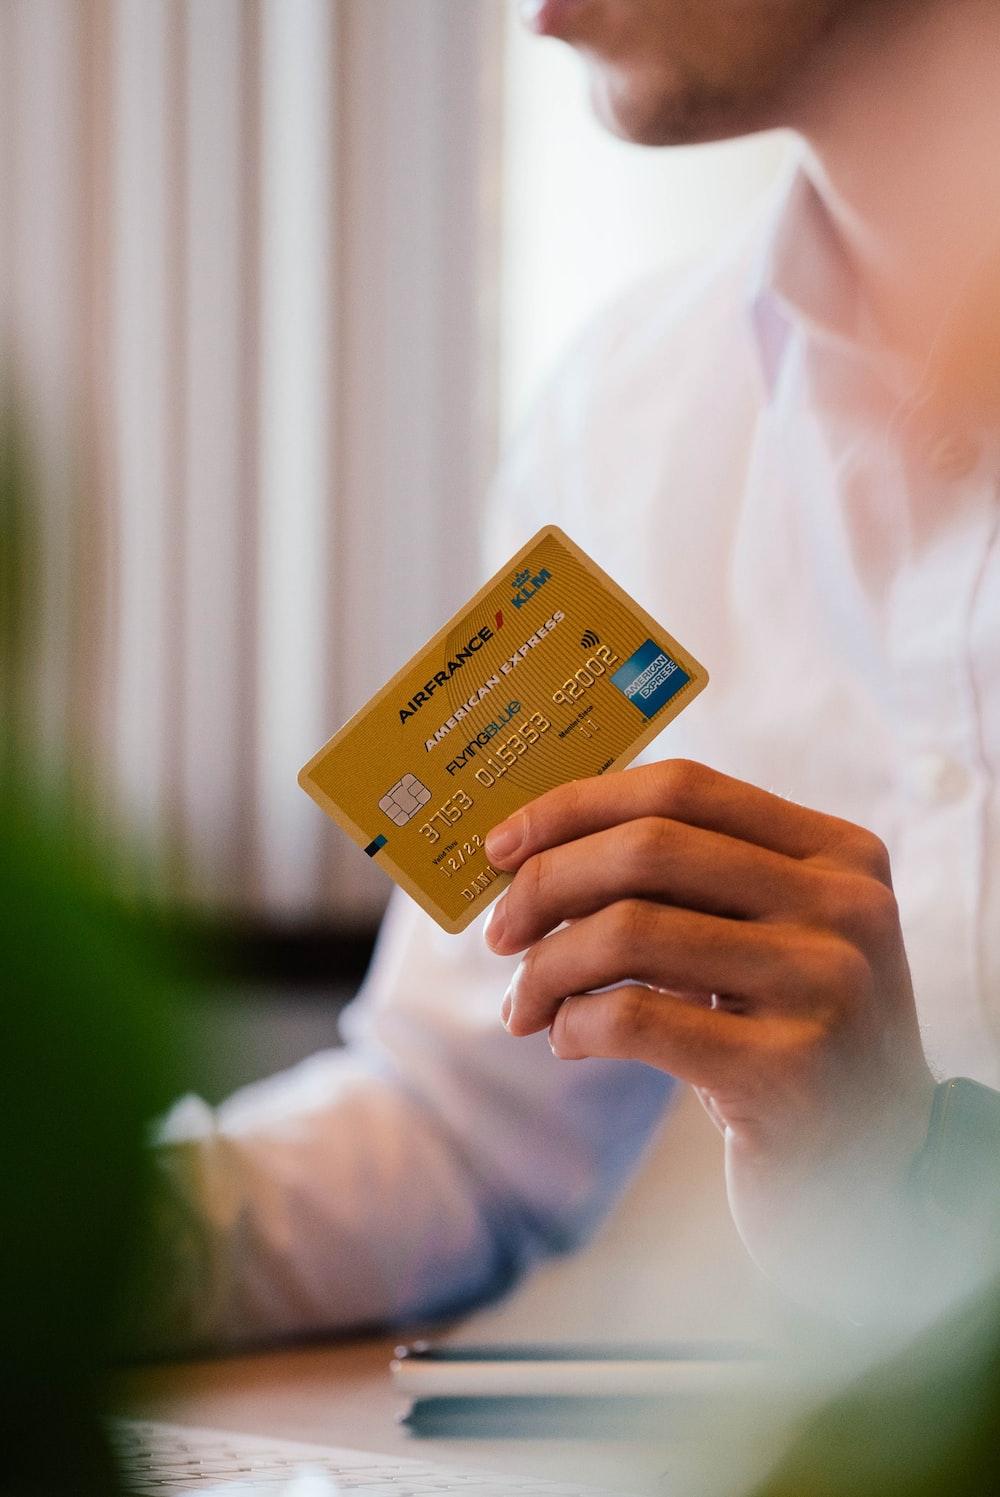 Gunakan kartu kreditmu dengan bijak